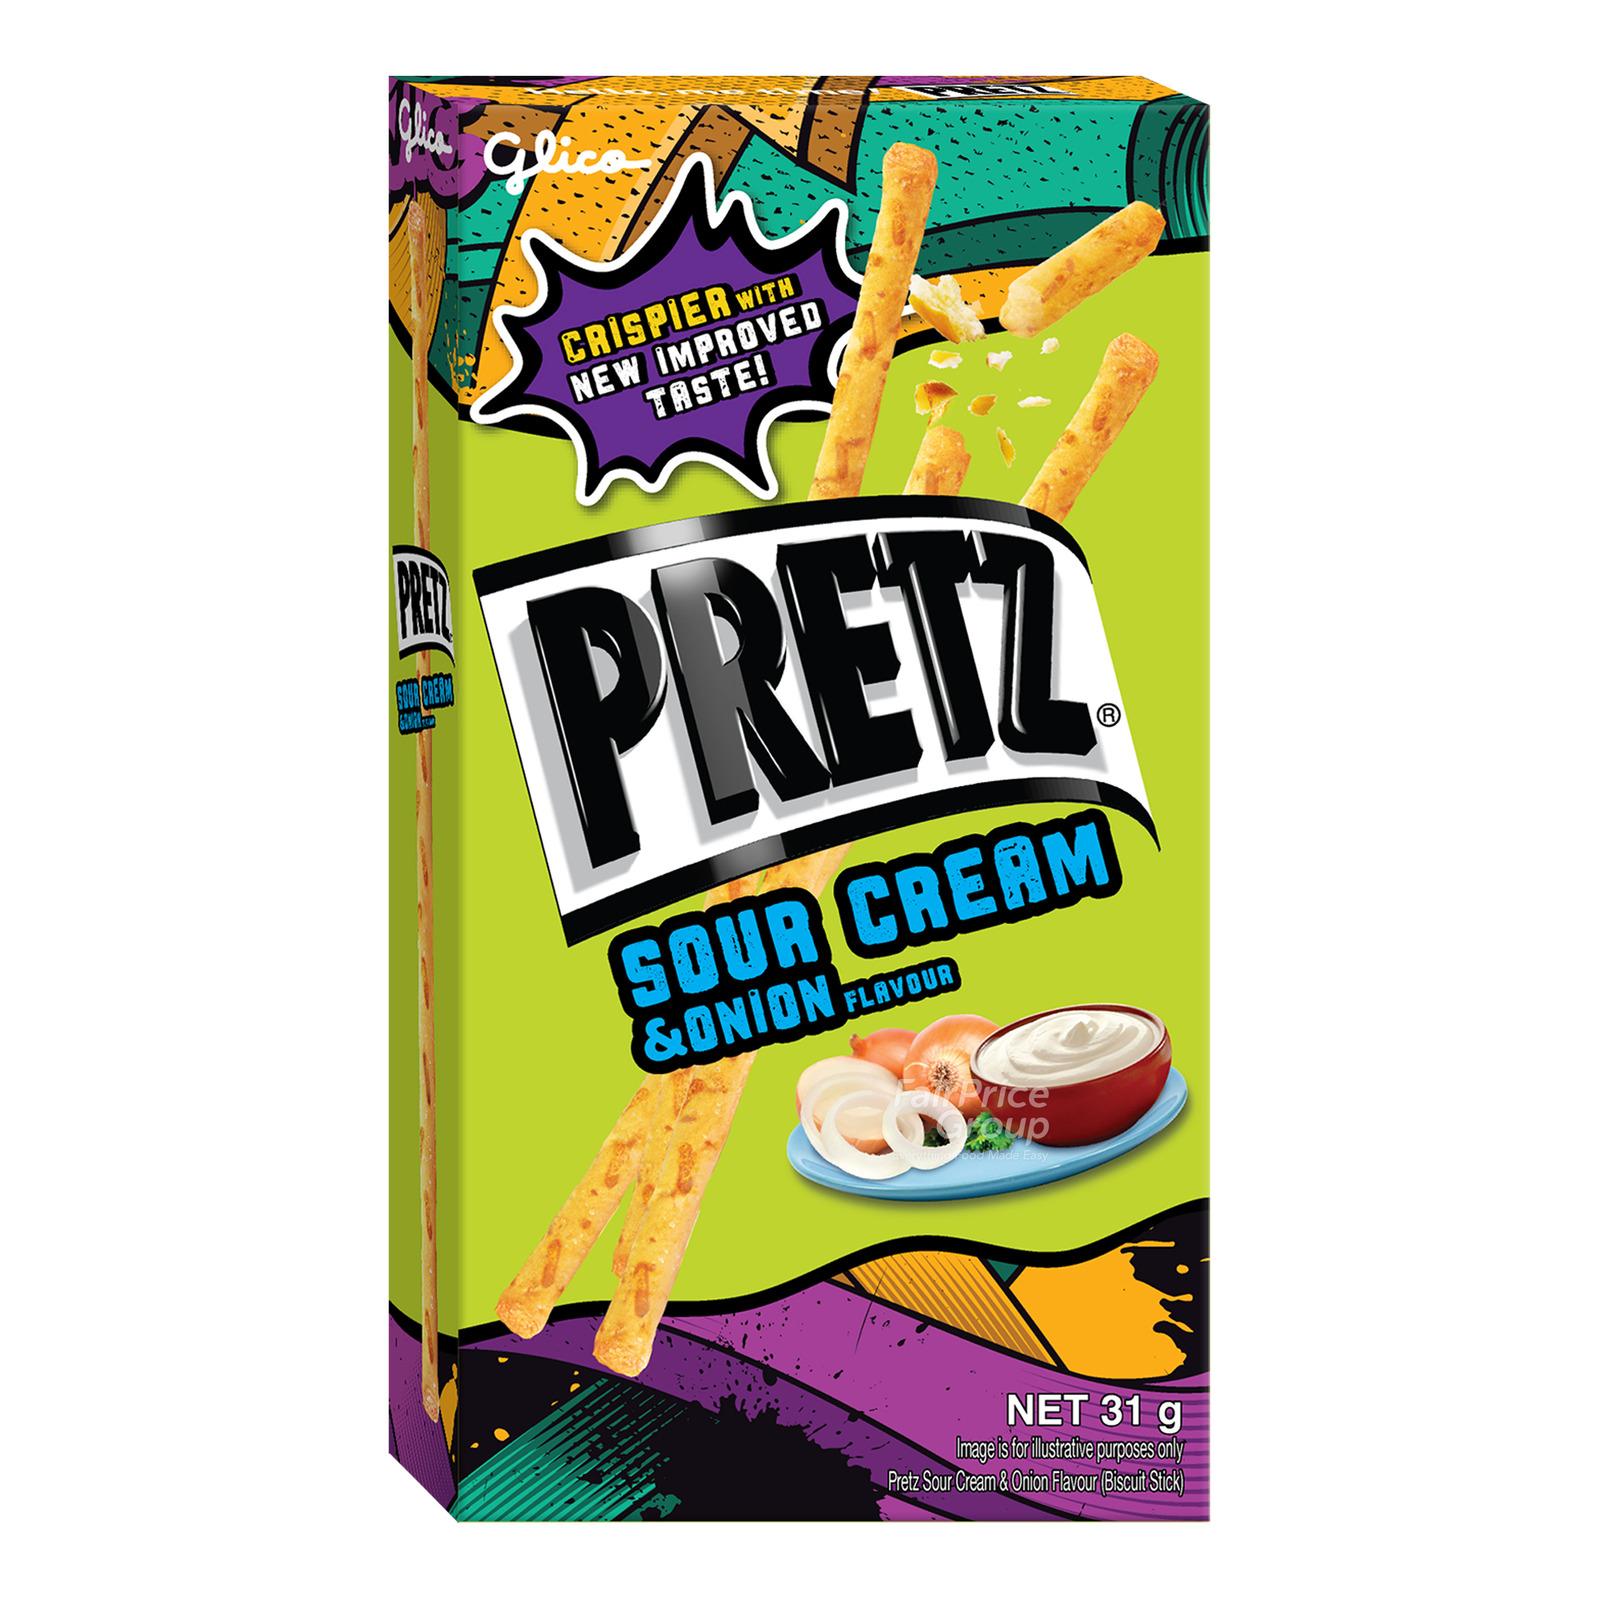 Glico Pretz Stick Biscuit - Sour Cream & Onion